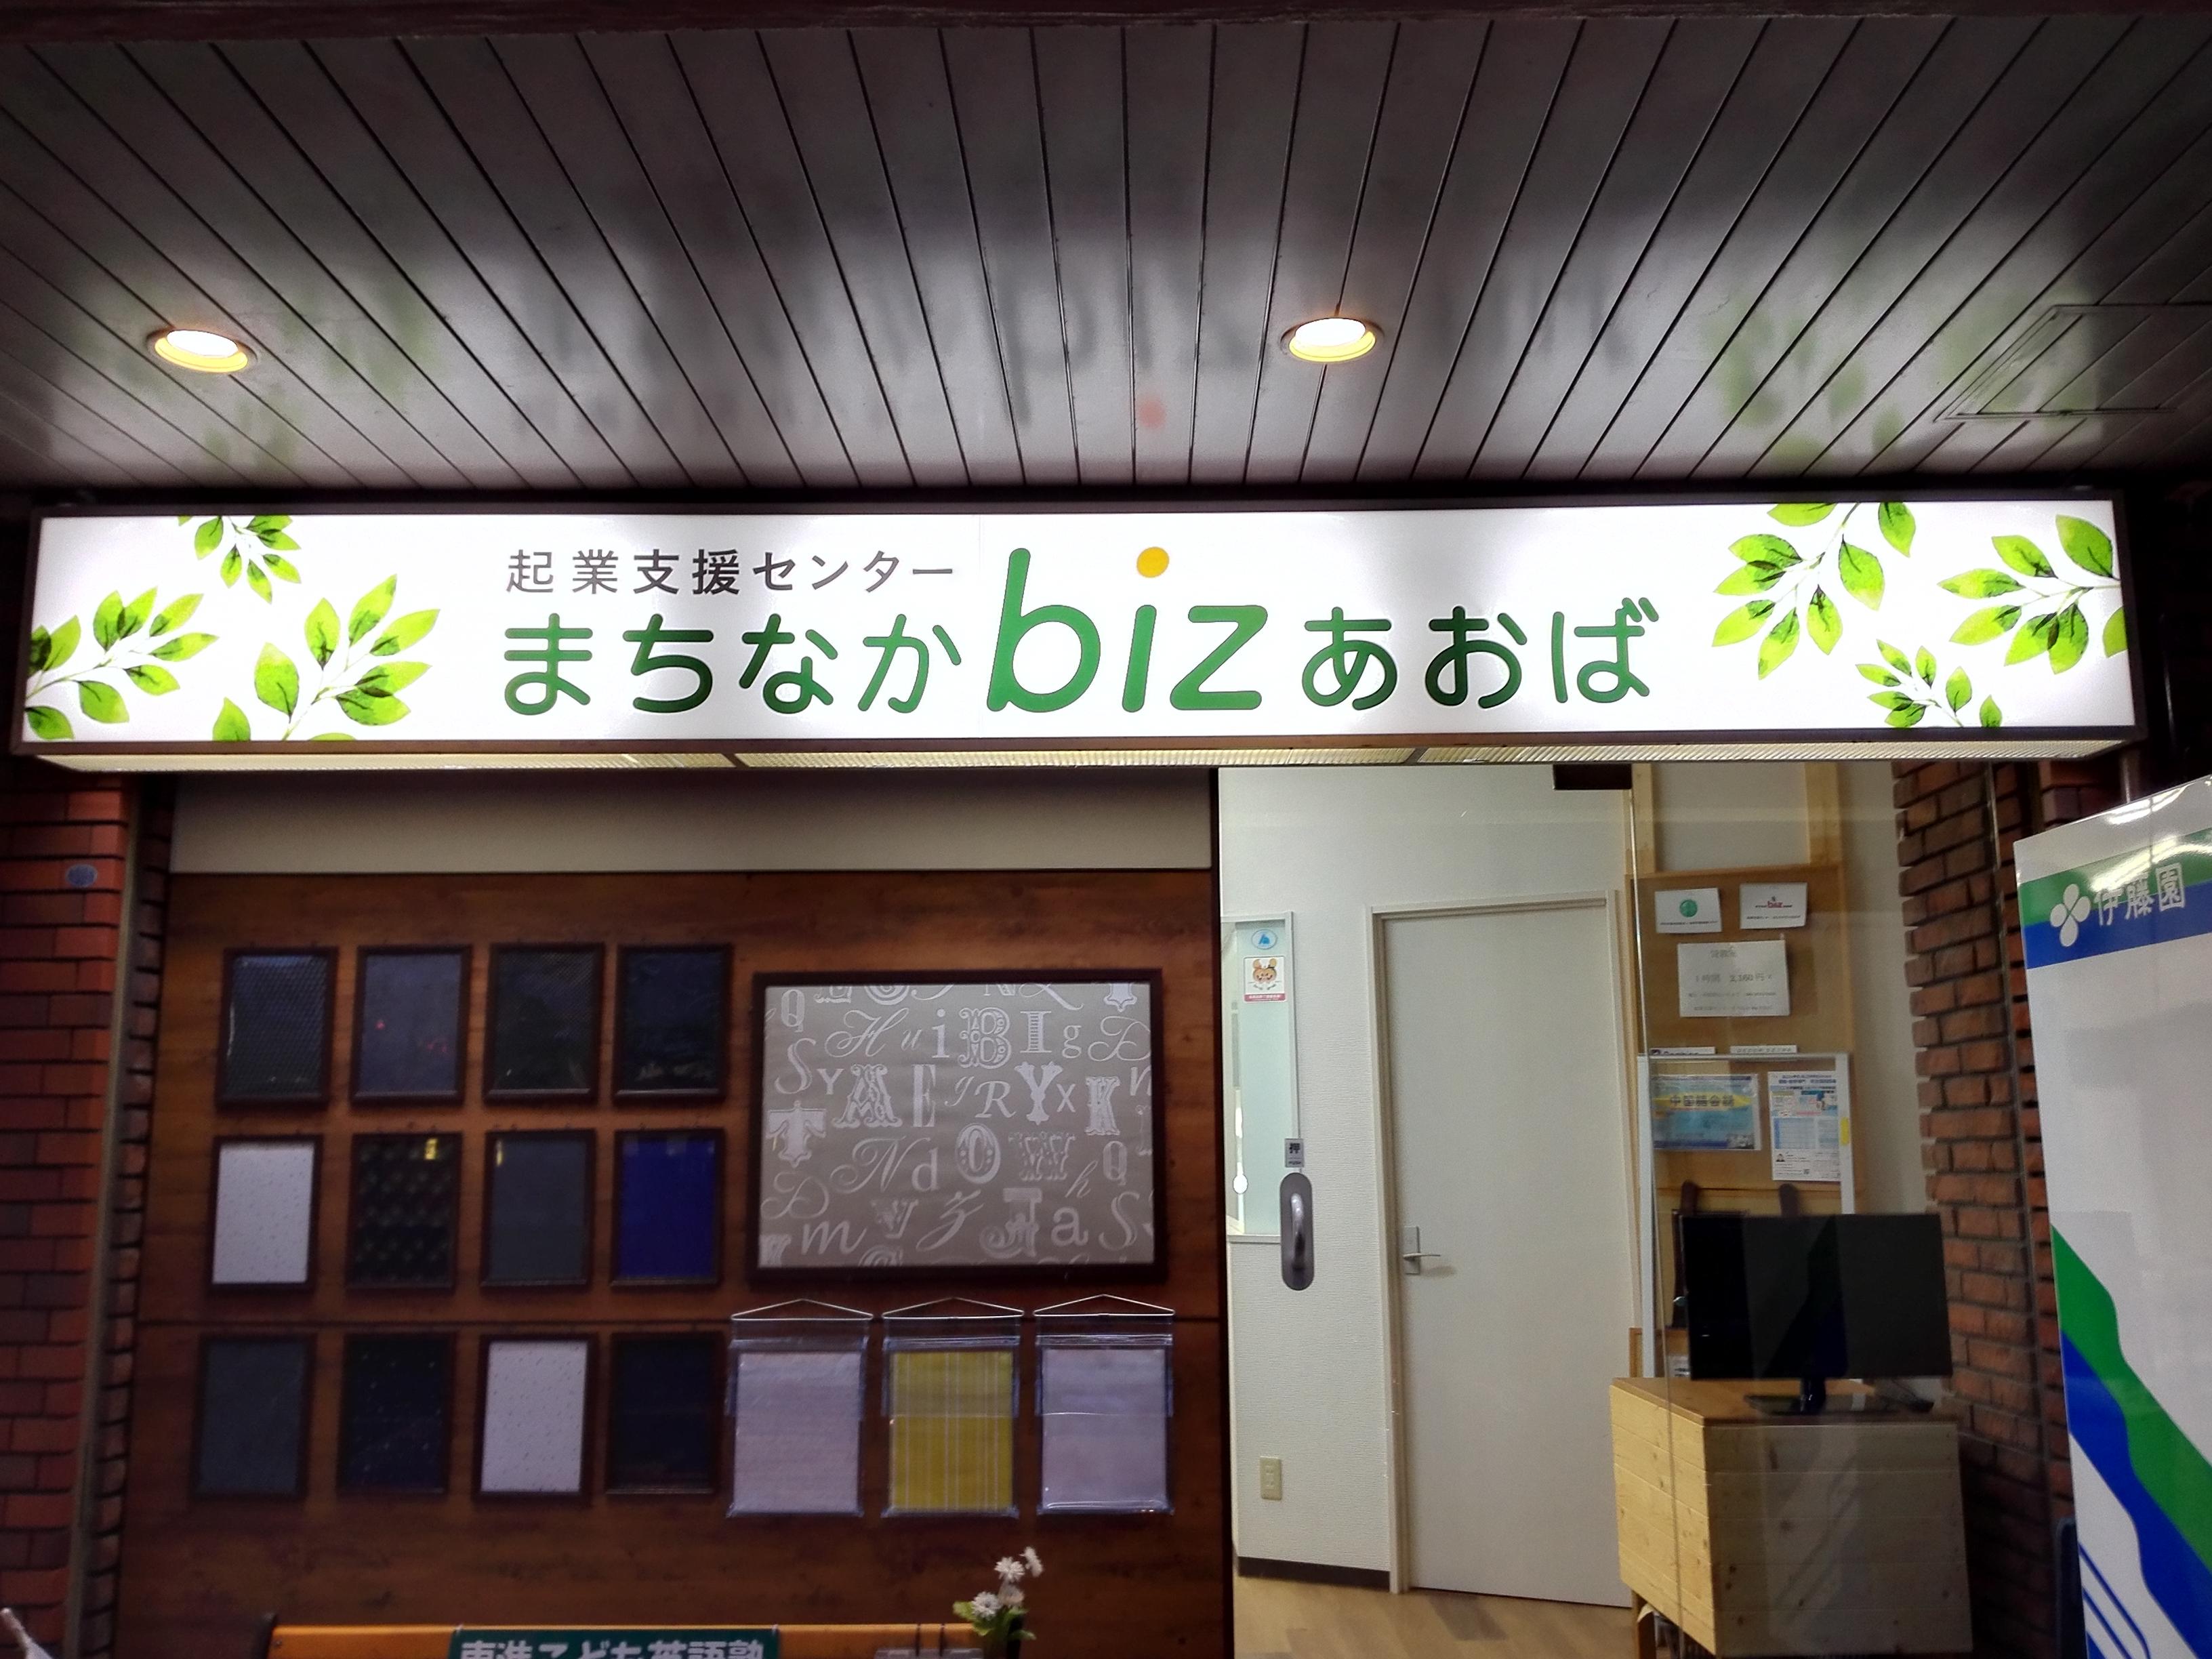 【オンライン講座】NPOで起業!のススメ セミナー《4月22日(月)》